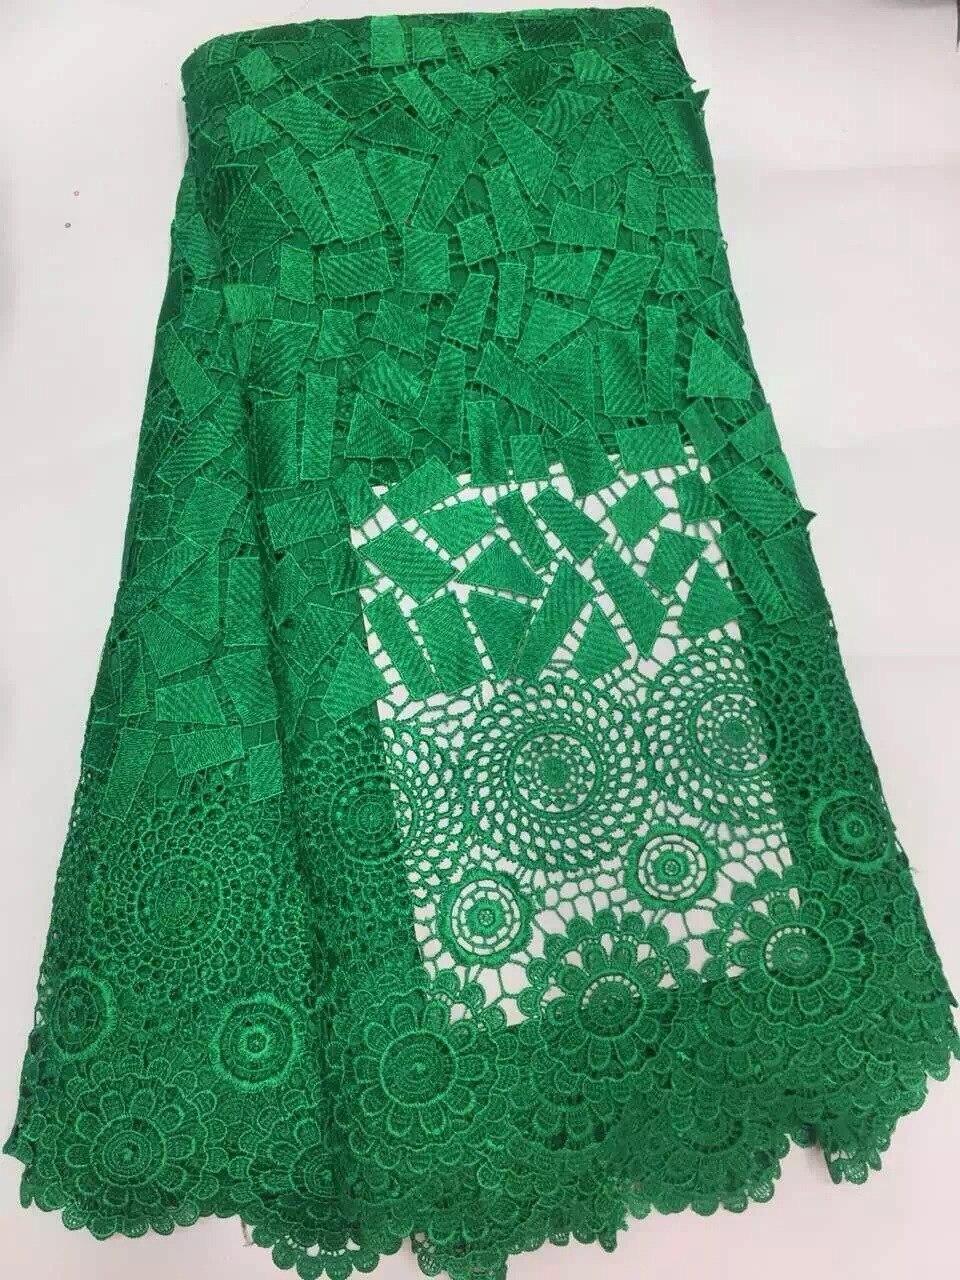 도매 및 소매 독특한 광장과 동그라미 녹색 아프리카 코드 레이스 guipure 패브릭 파티 드레스와 결합! 5 yards/lot-에서레이스부터 홈 & 가든 의  그룹 1